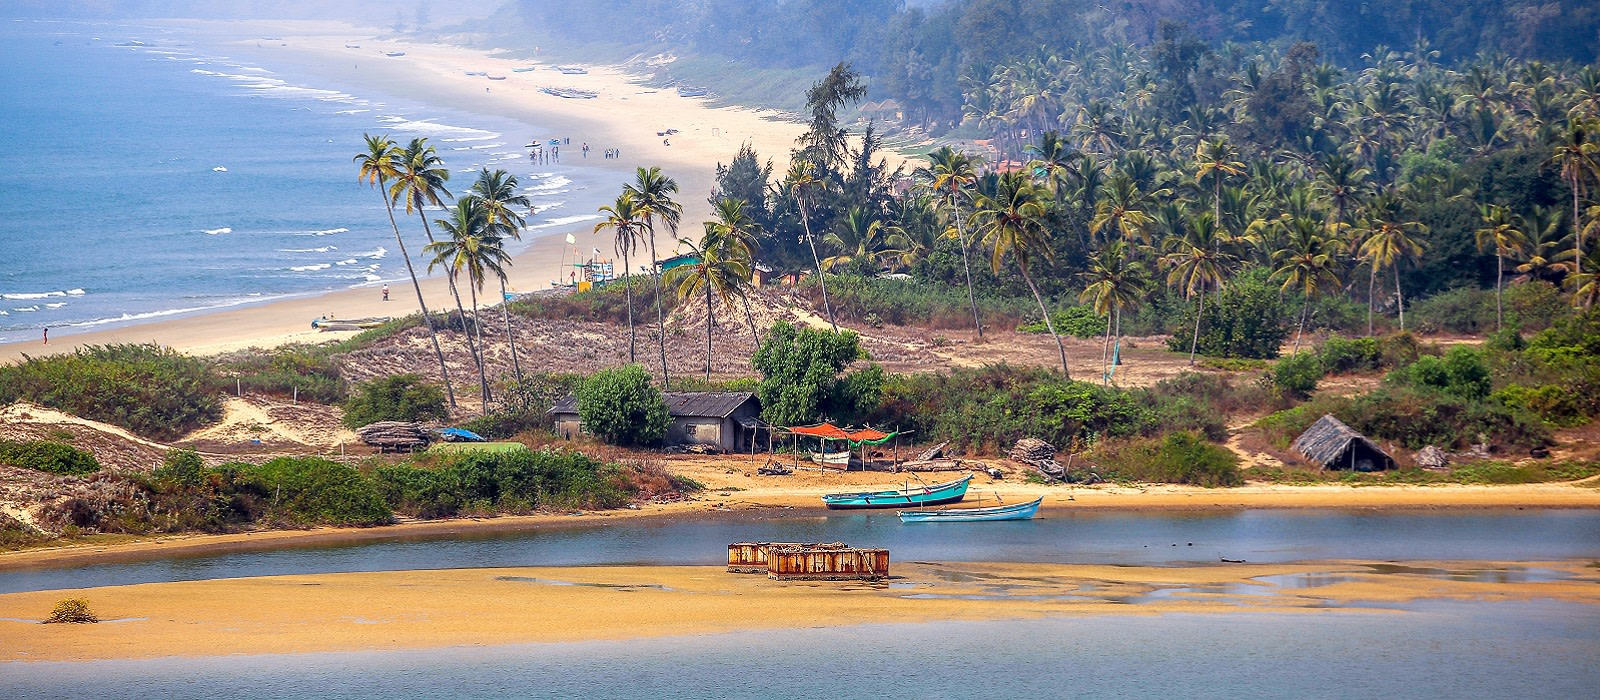 South India: Karnataka and Goa Tour Trip 1